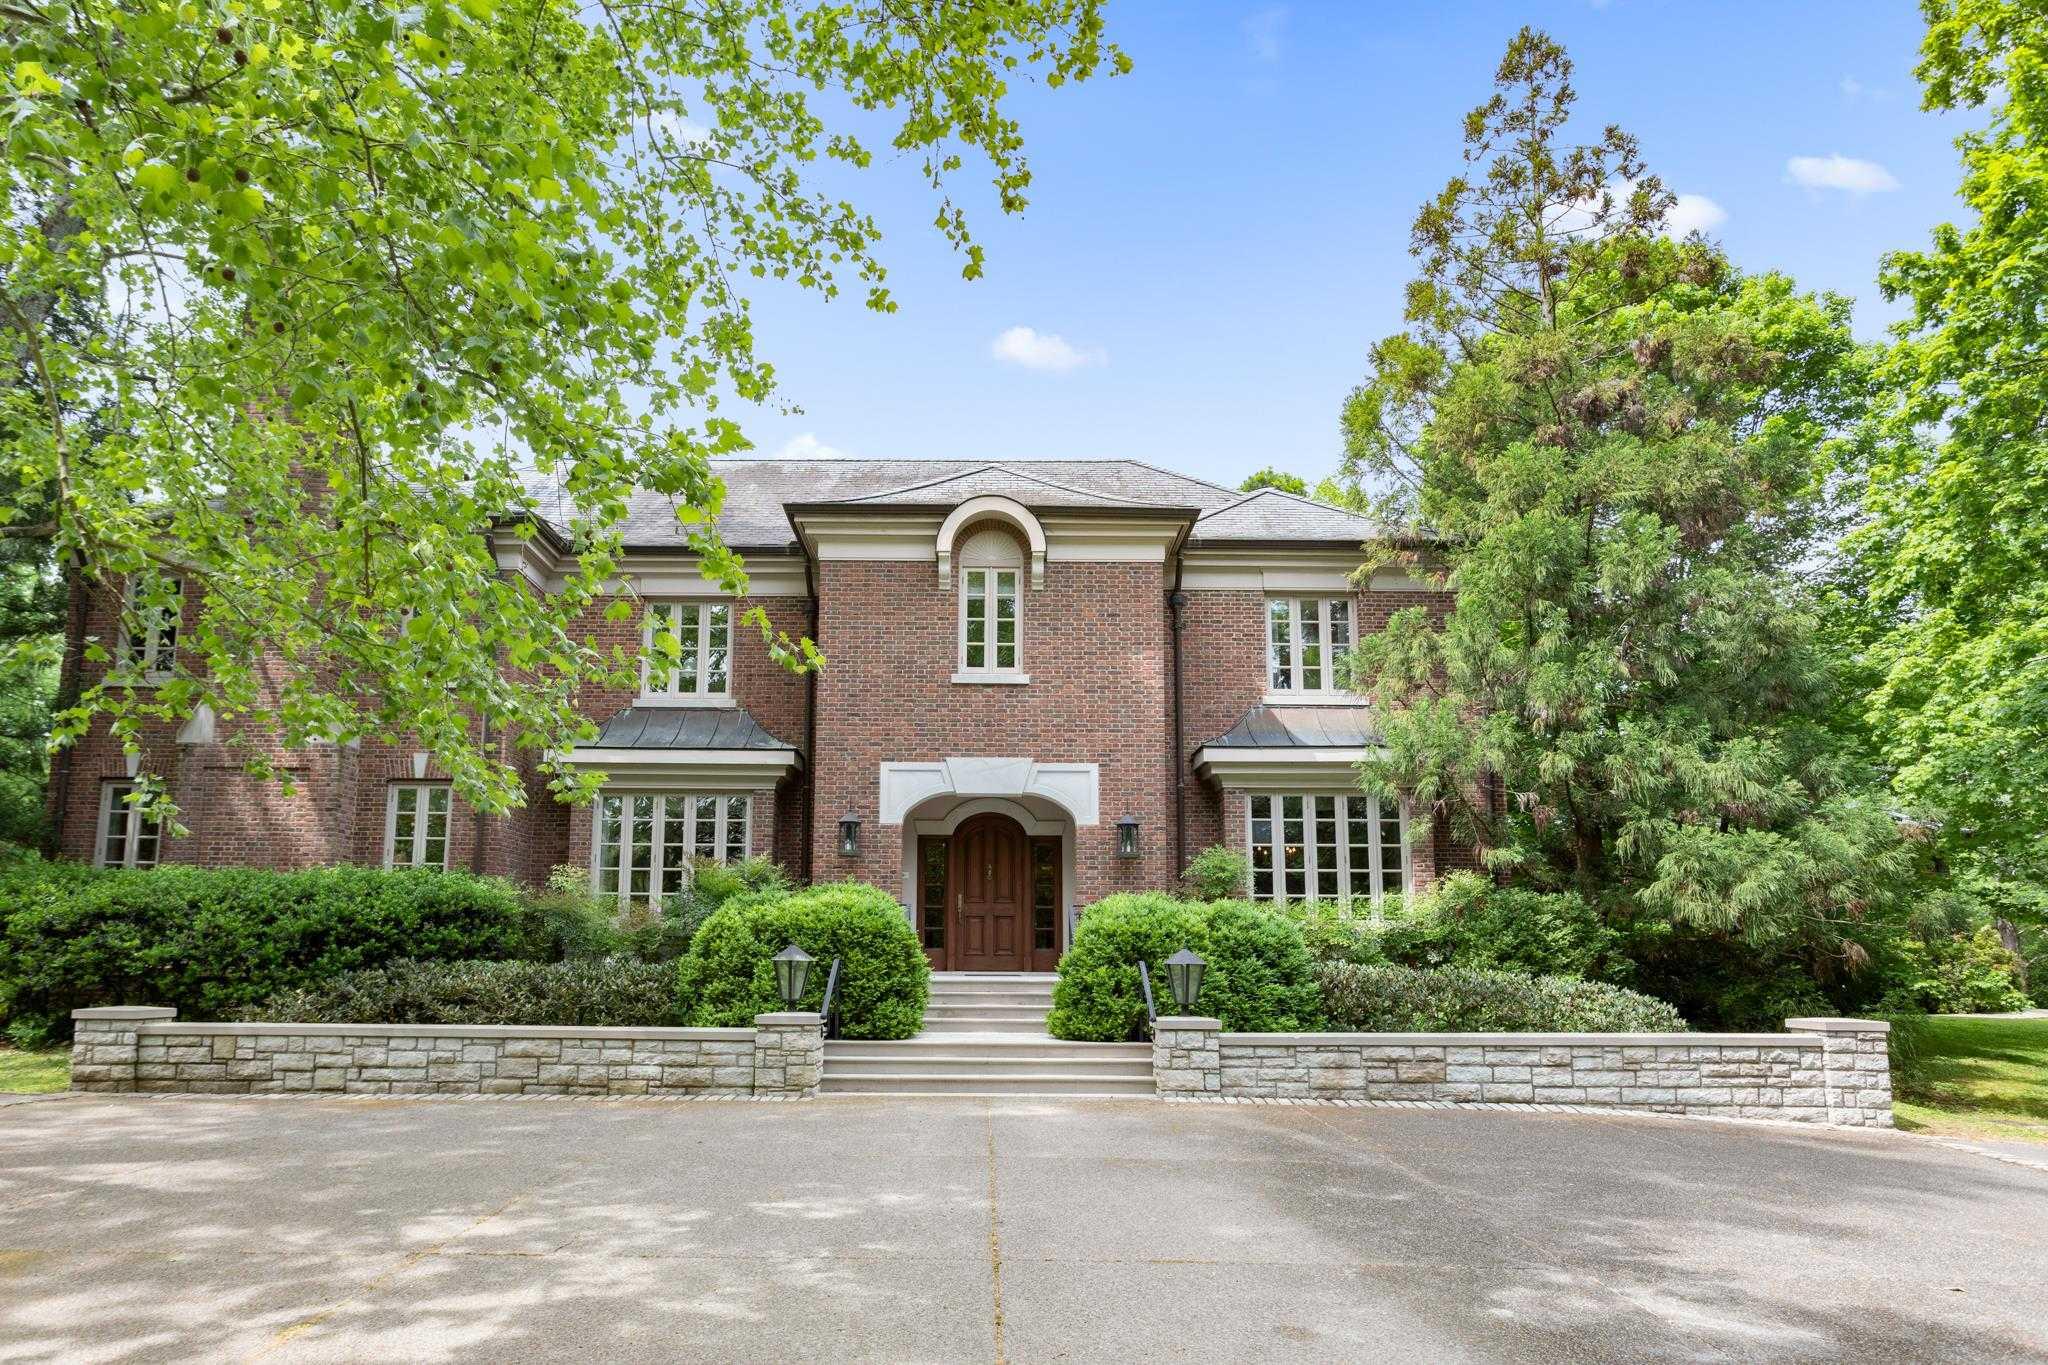 $3,900,000 - 4Br/6Ba -  for Sale in Belle Meade, Nashville